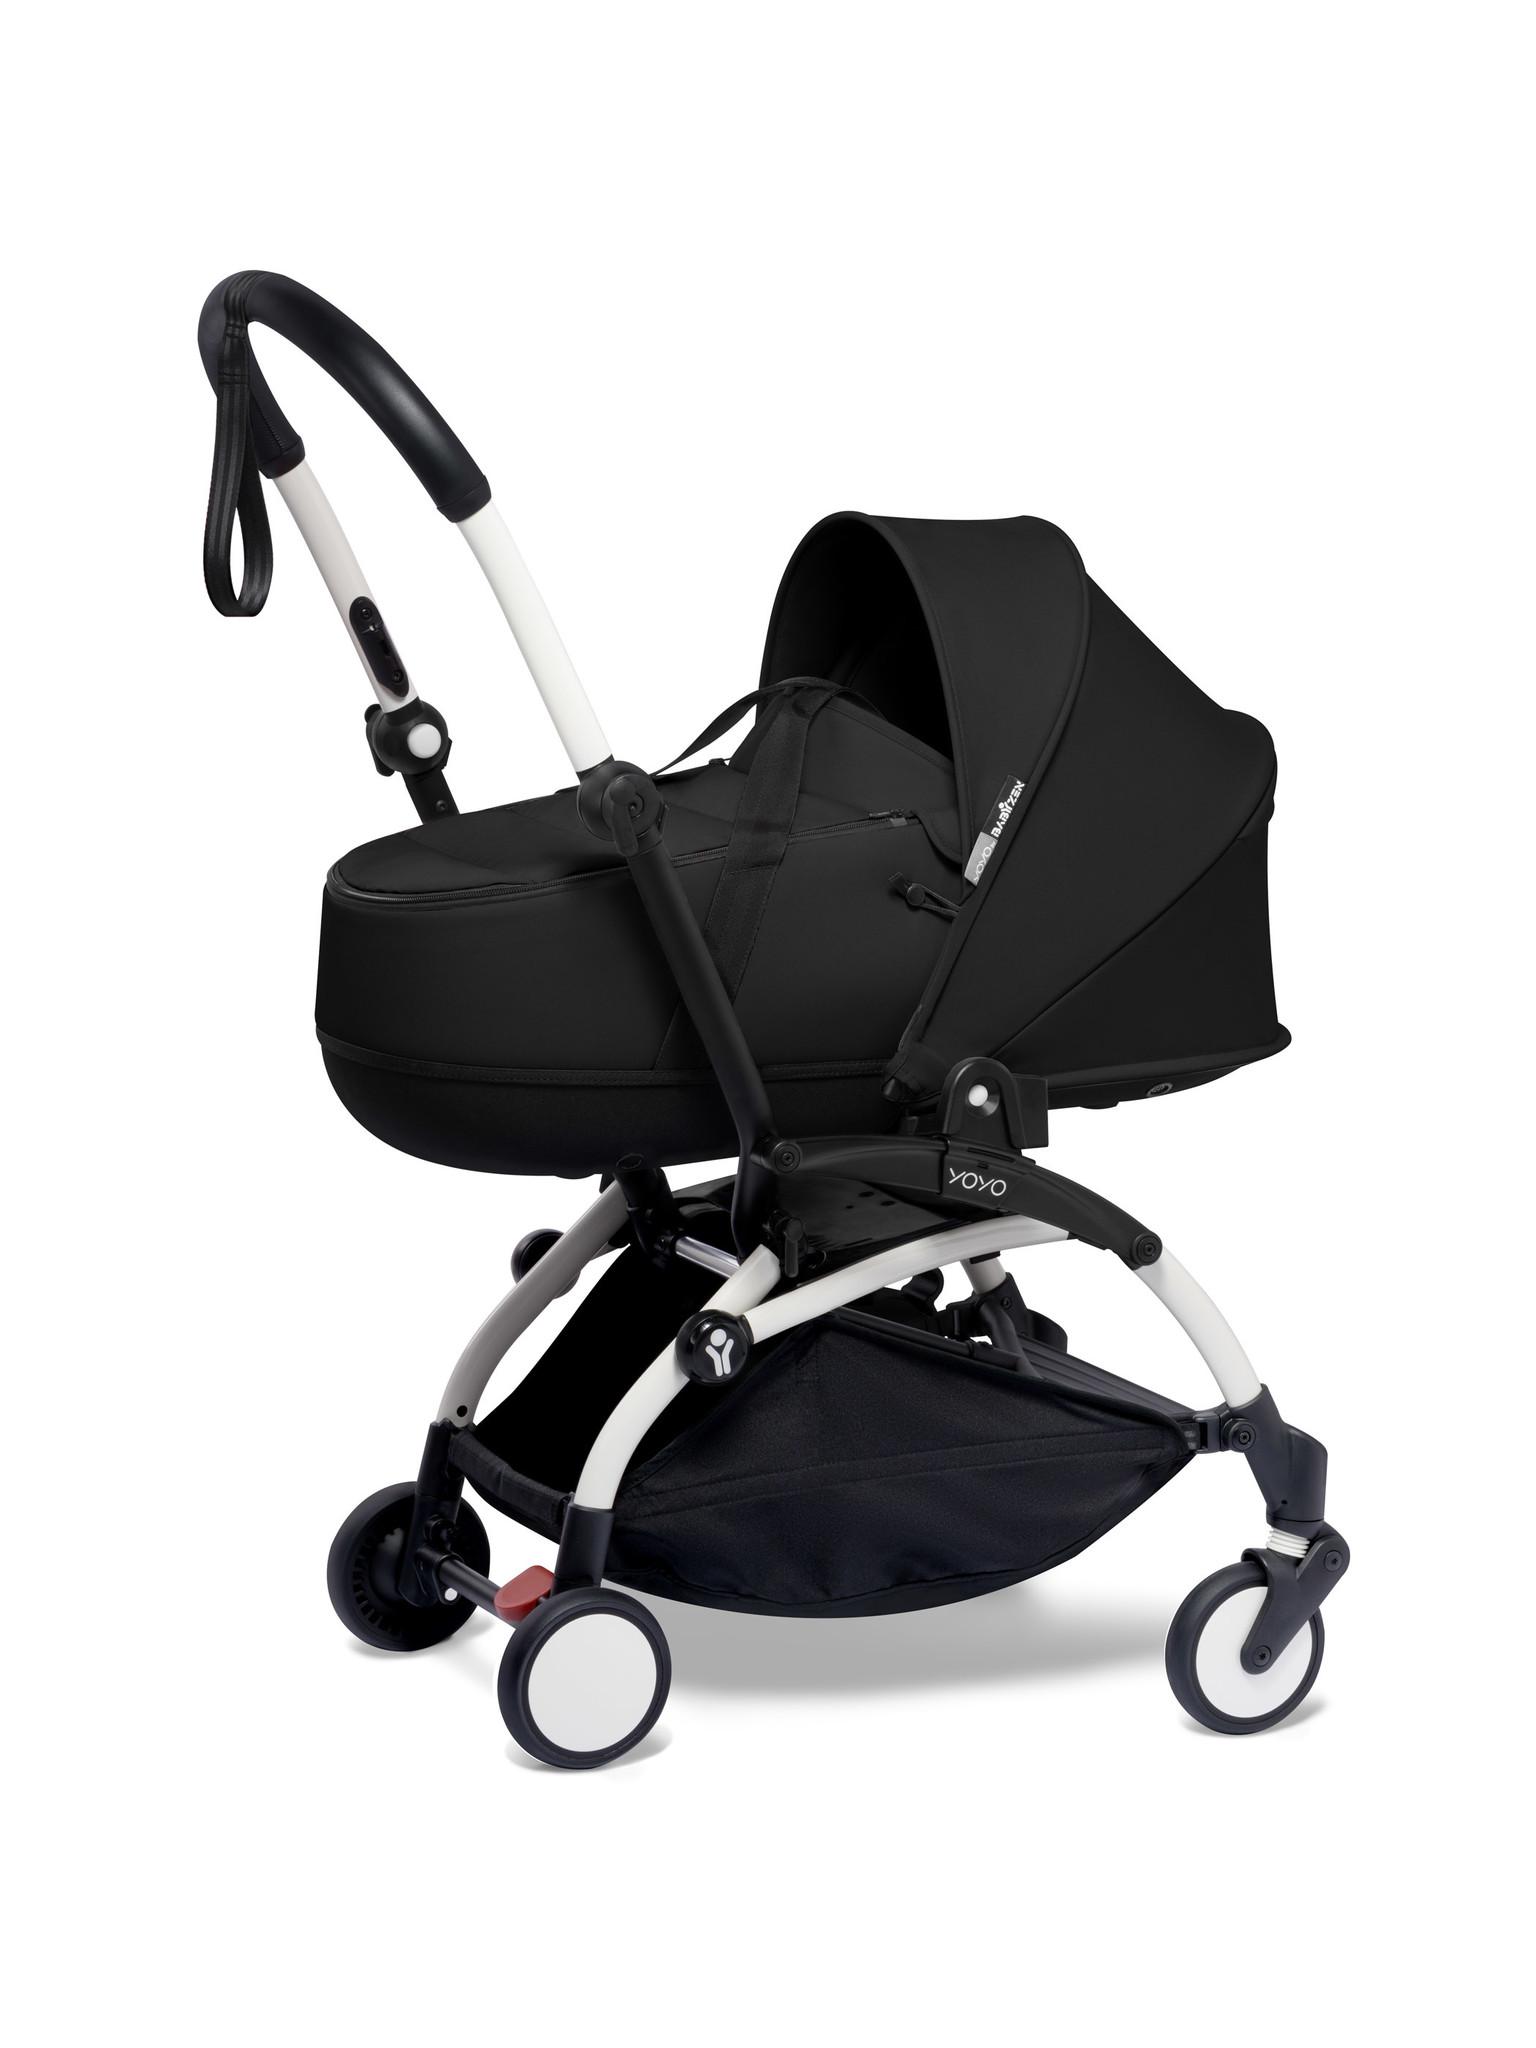 Babyzen Babyzen YOYO² wit frame met YOYO Bassinet - reiswieg 0+ én Colorpack 6+ - Black incl. YOYO car seat by BeSafe